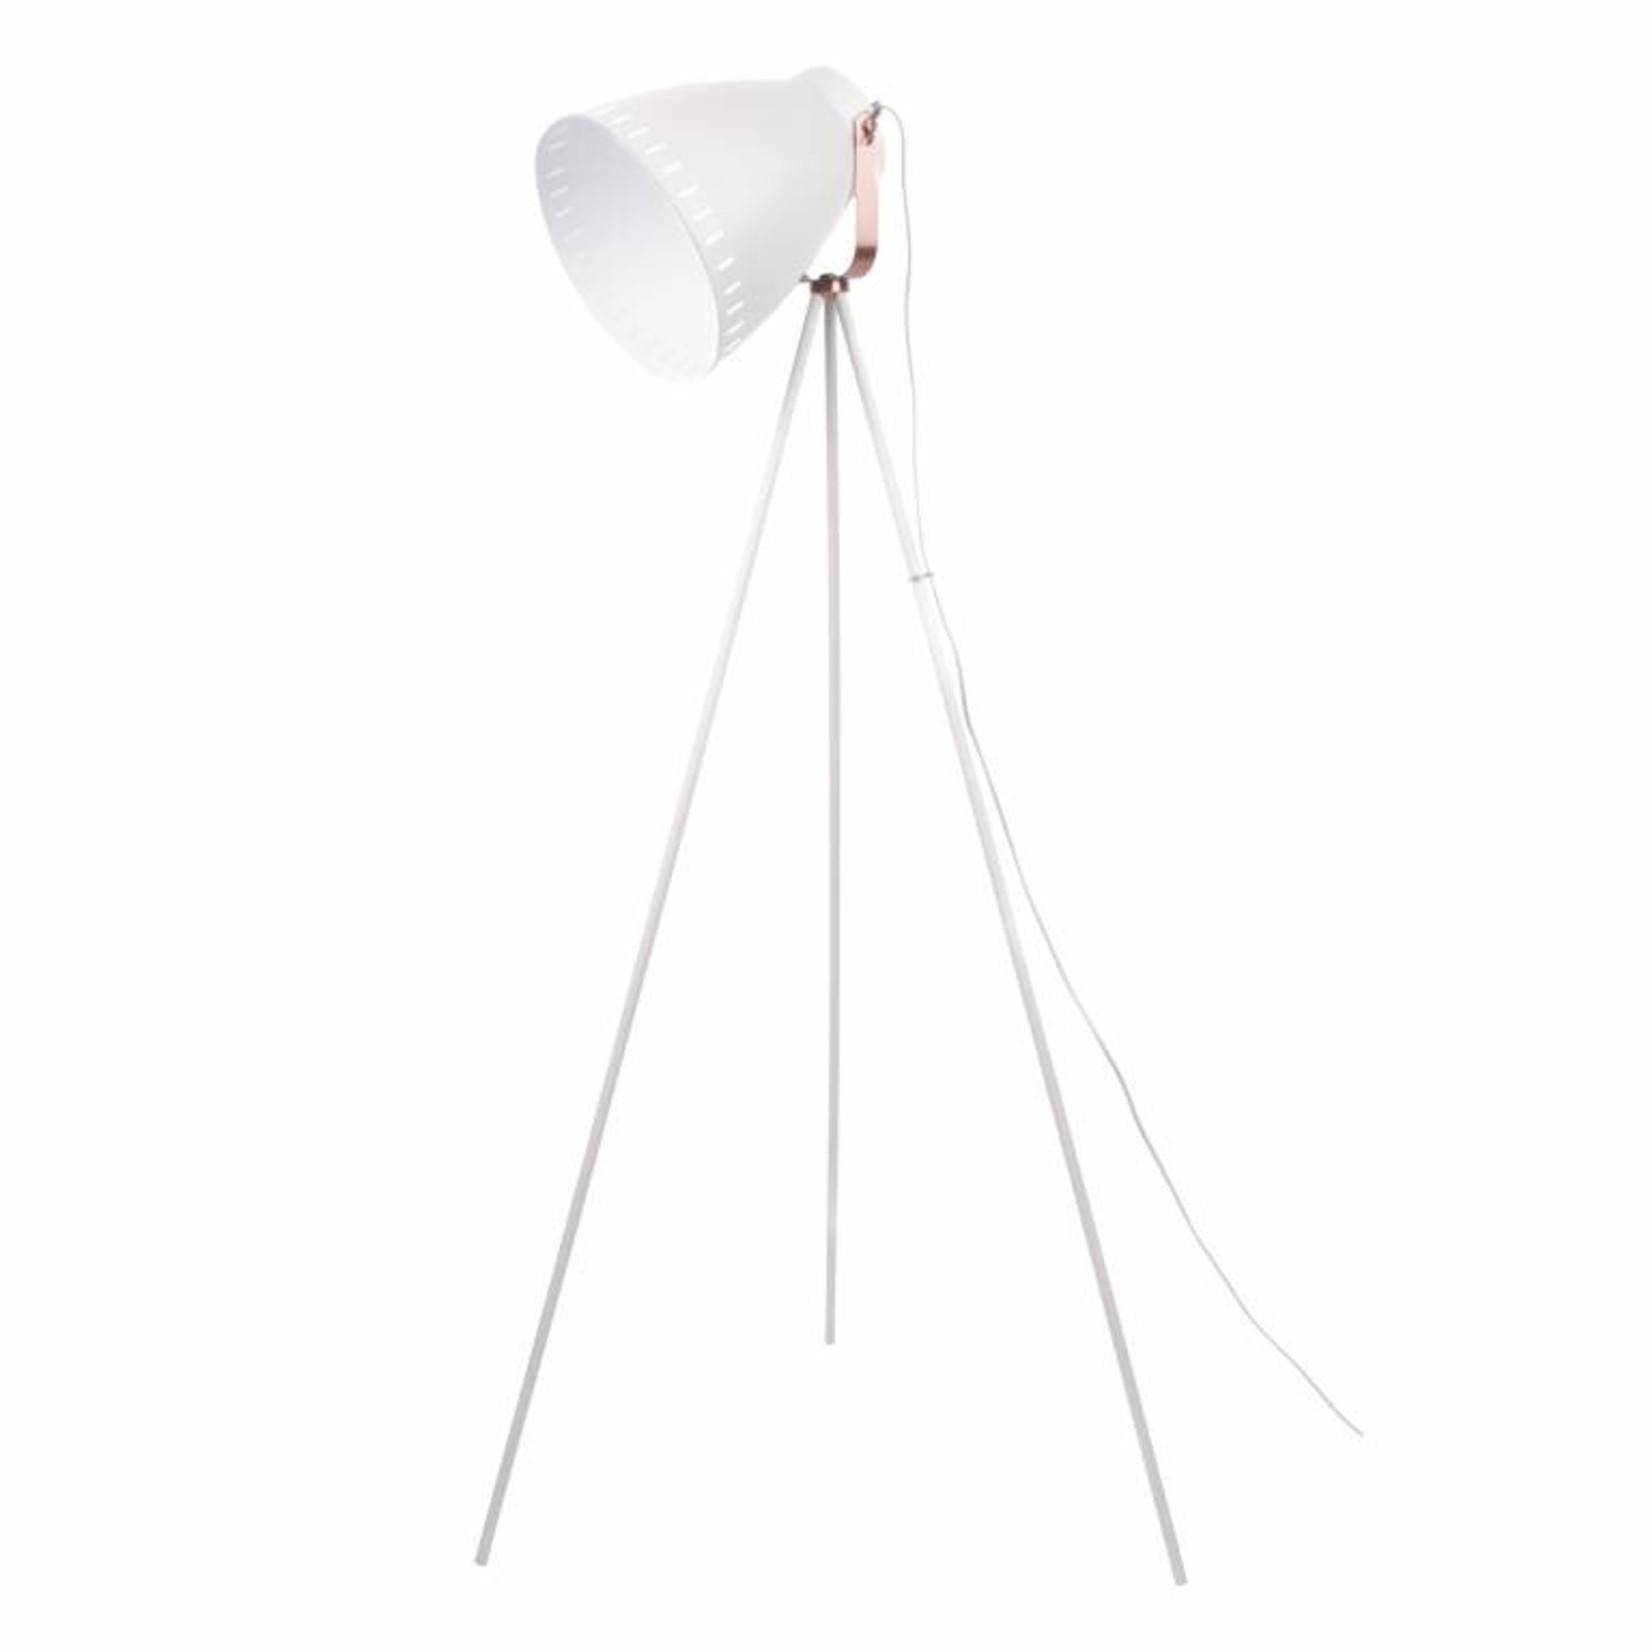 Leitmotiv Vloerlamp Mingle 3 Legs metal white LM1415